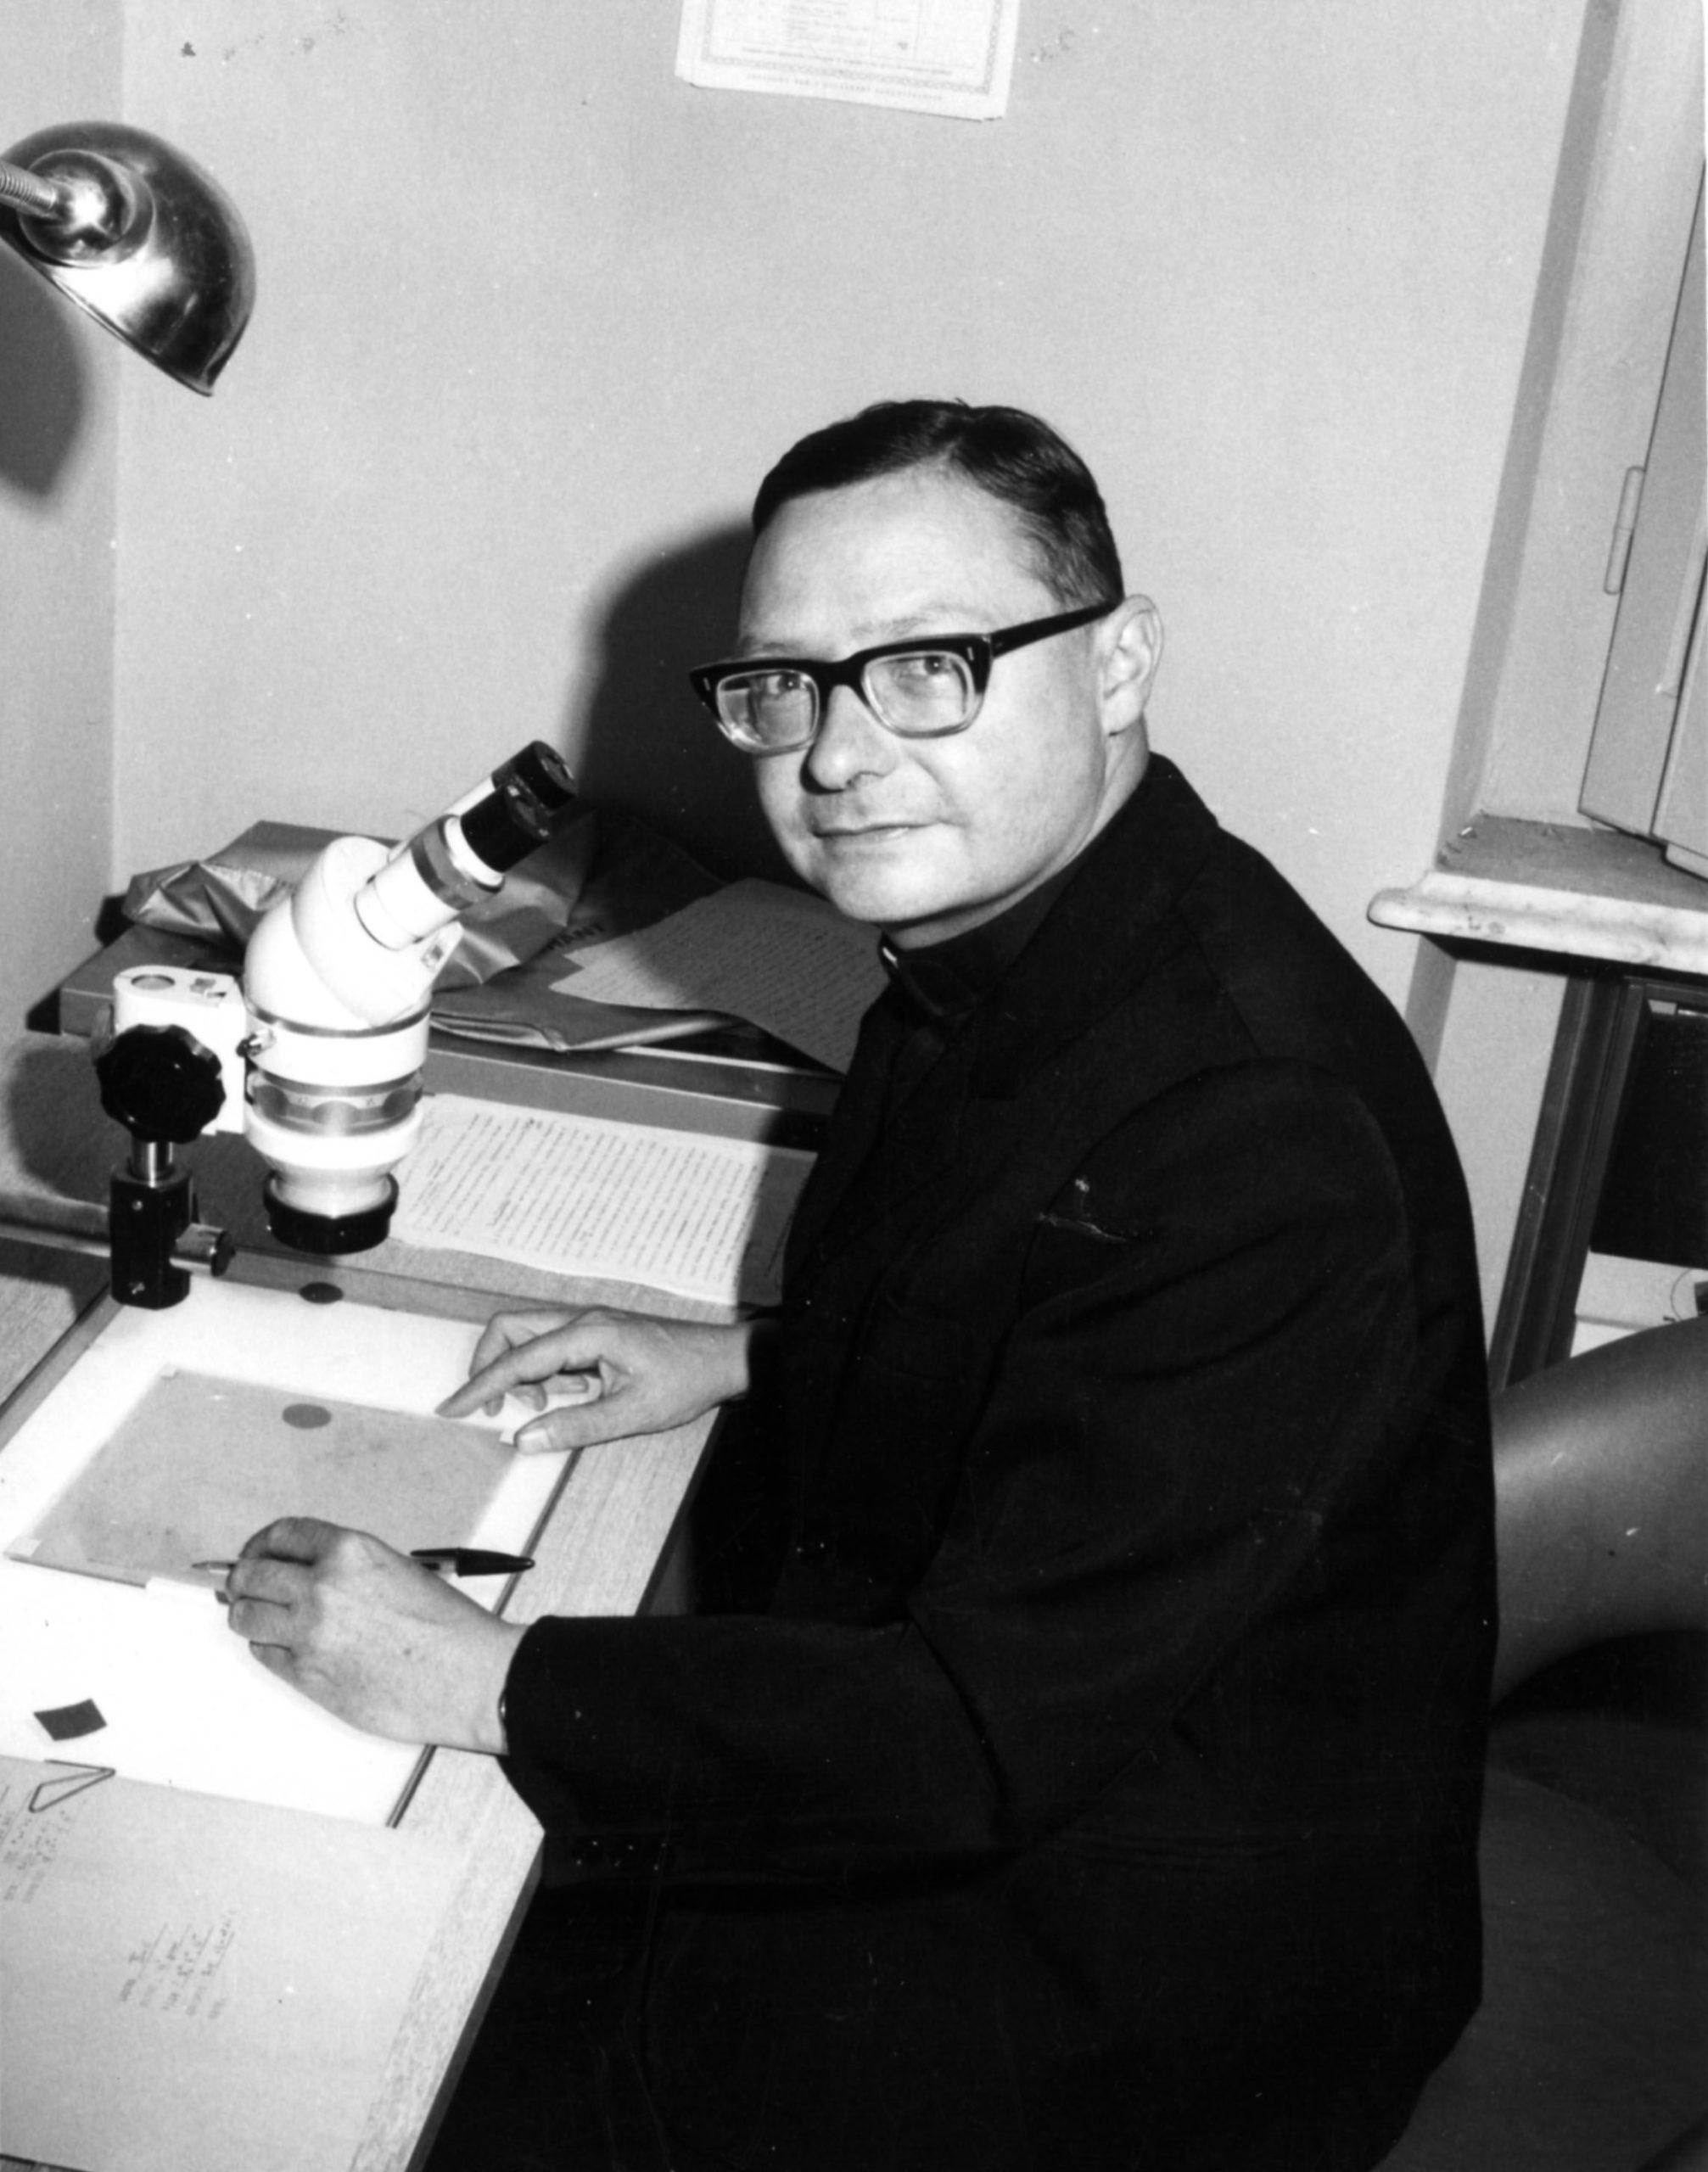 Rev. Fr. Patrick Treanor, S.J.